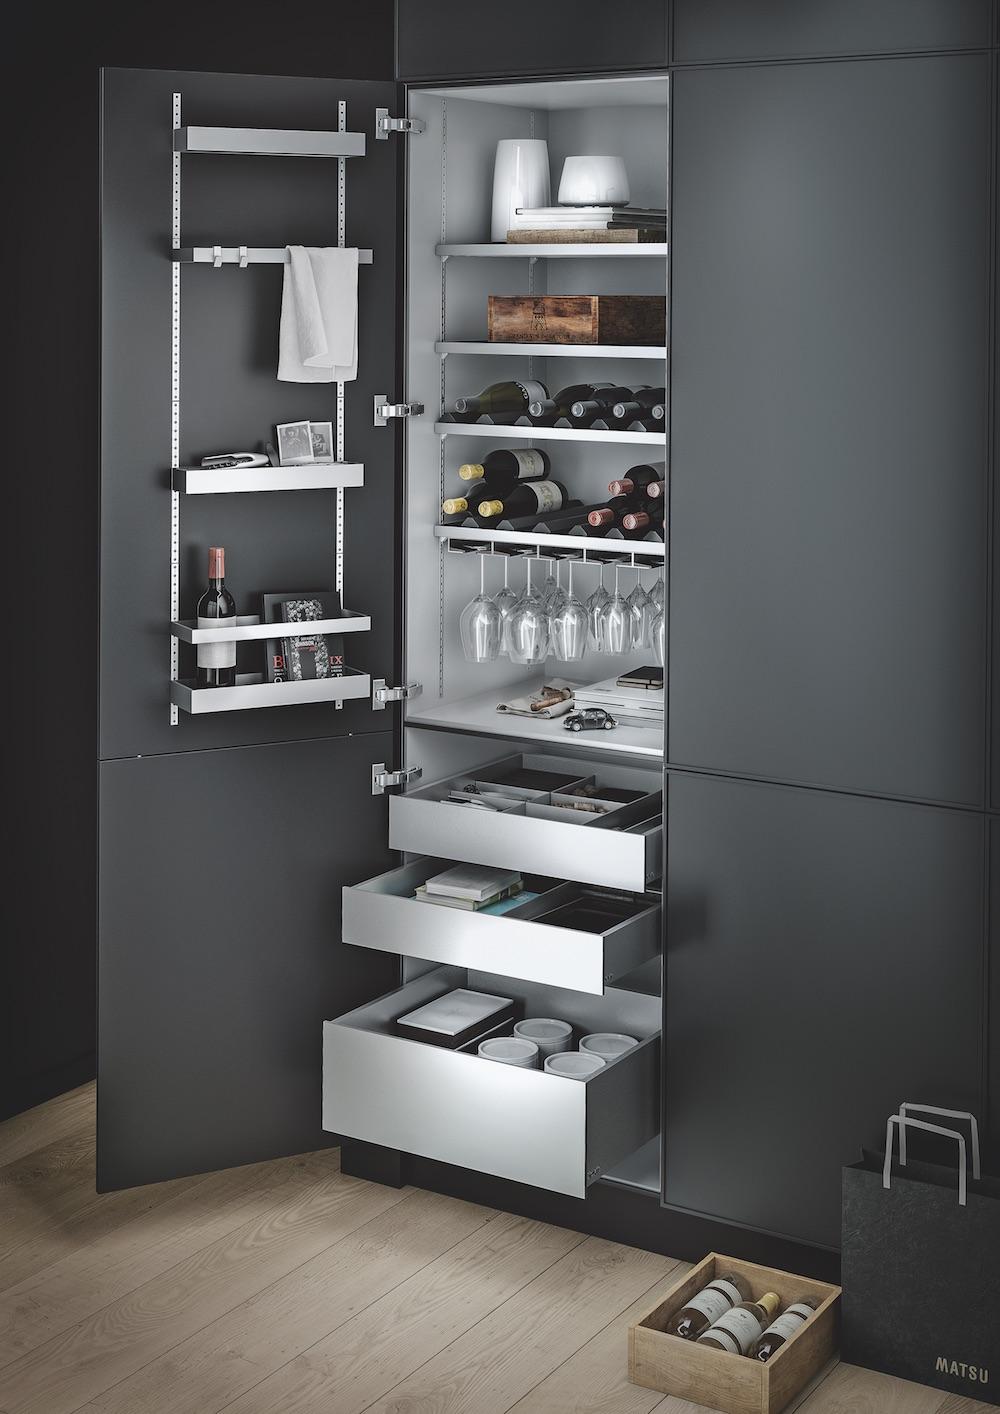 Nieuwe Keuken Kopen Tips : Multifunctionele ' Keukenkasten ' zijn een opkomende trend